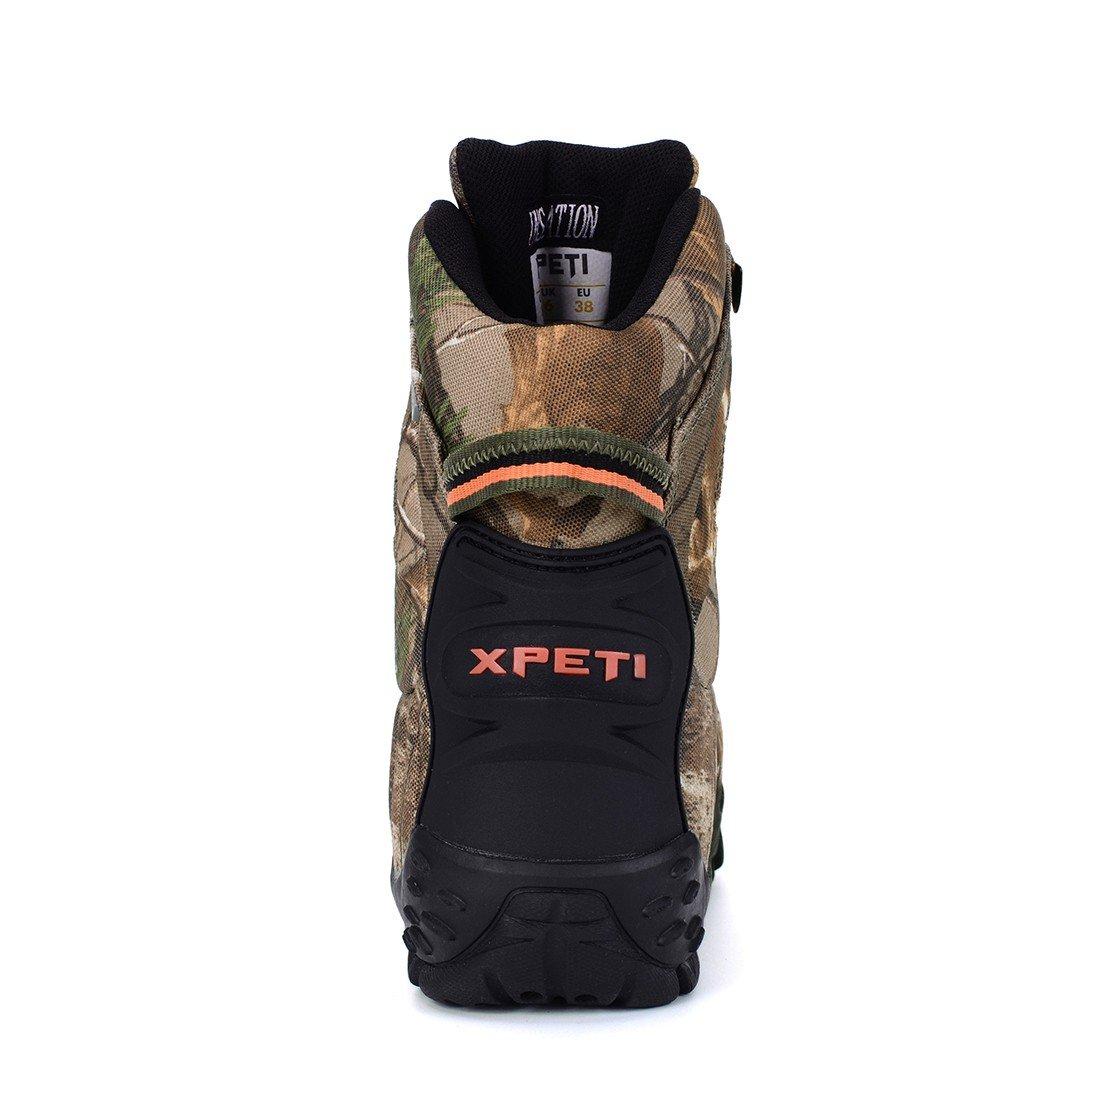 XPETI Thermator Scarpe da Trekking Impermeabili da Uomo | | | Il Nuovo Prodotto  18dafc